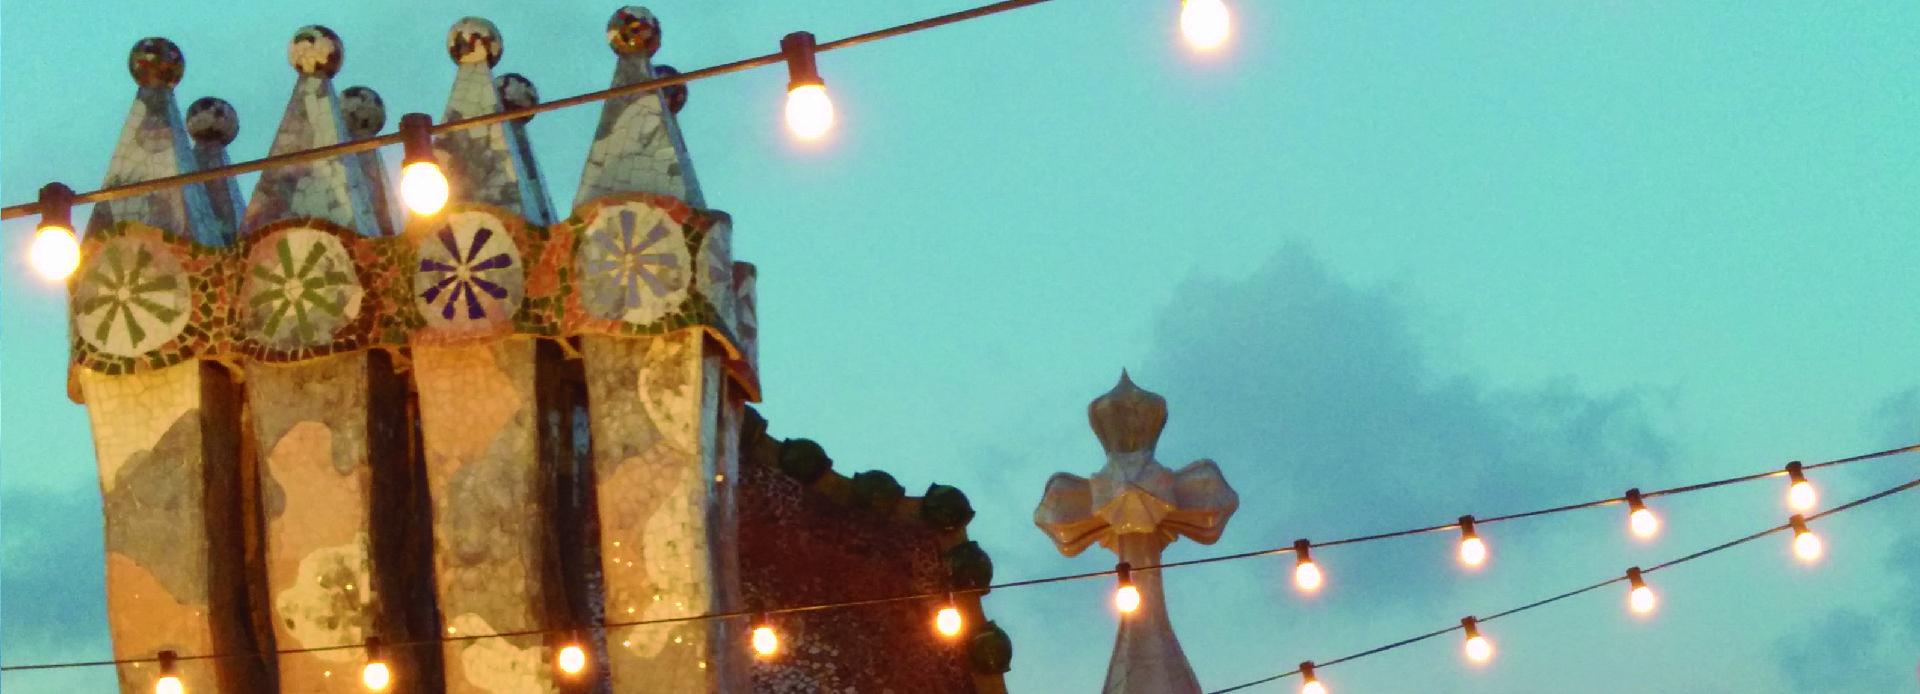 noches-de-verano-en-Barcelona